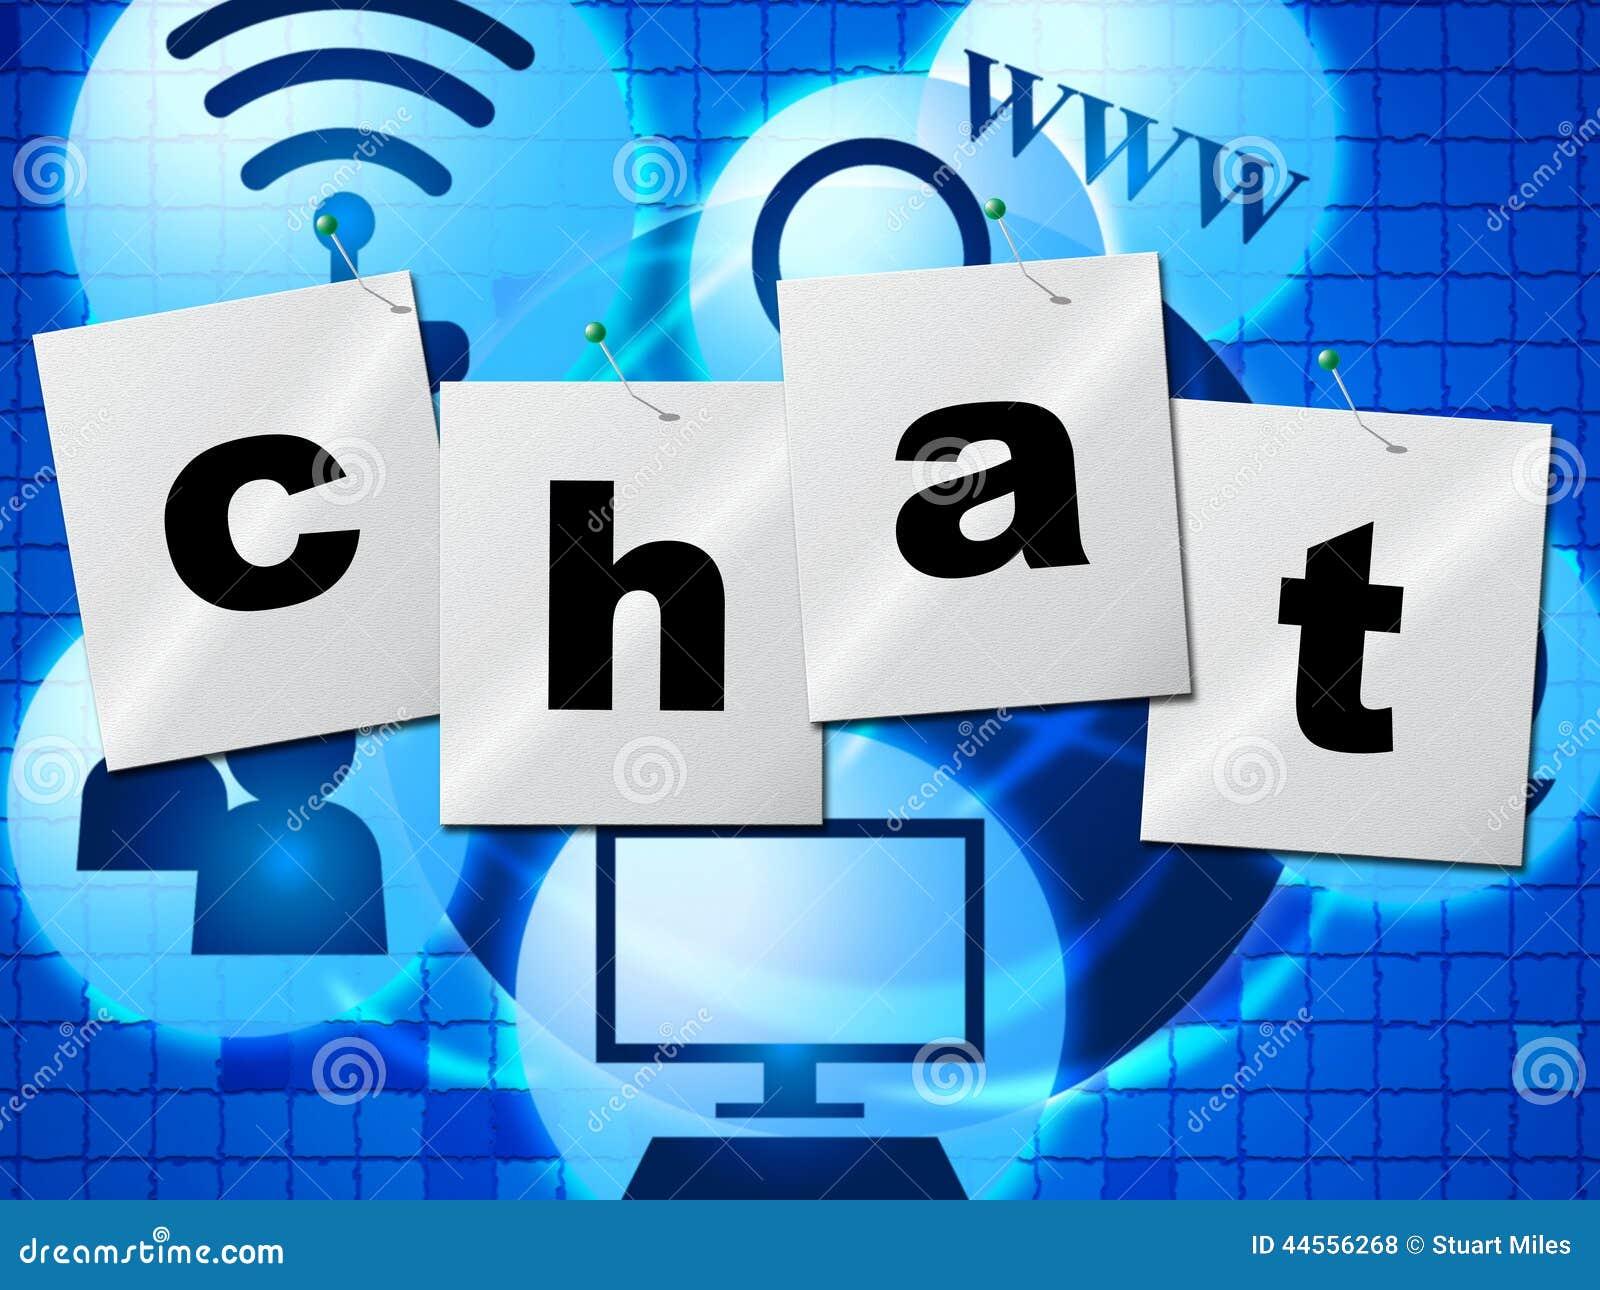 La chiacchierata di chiacchierata rappresenta il telefono che scrive e comunica